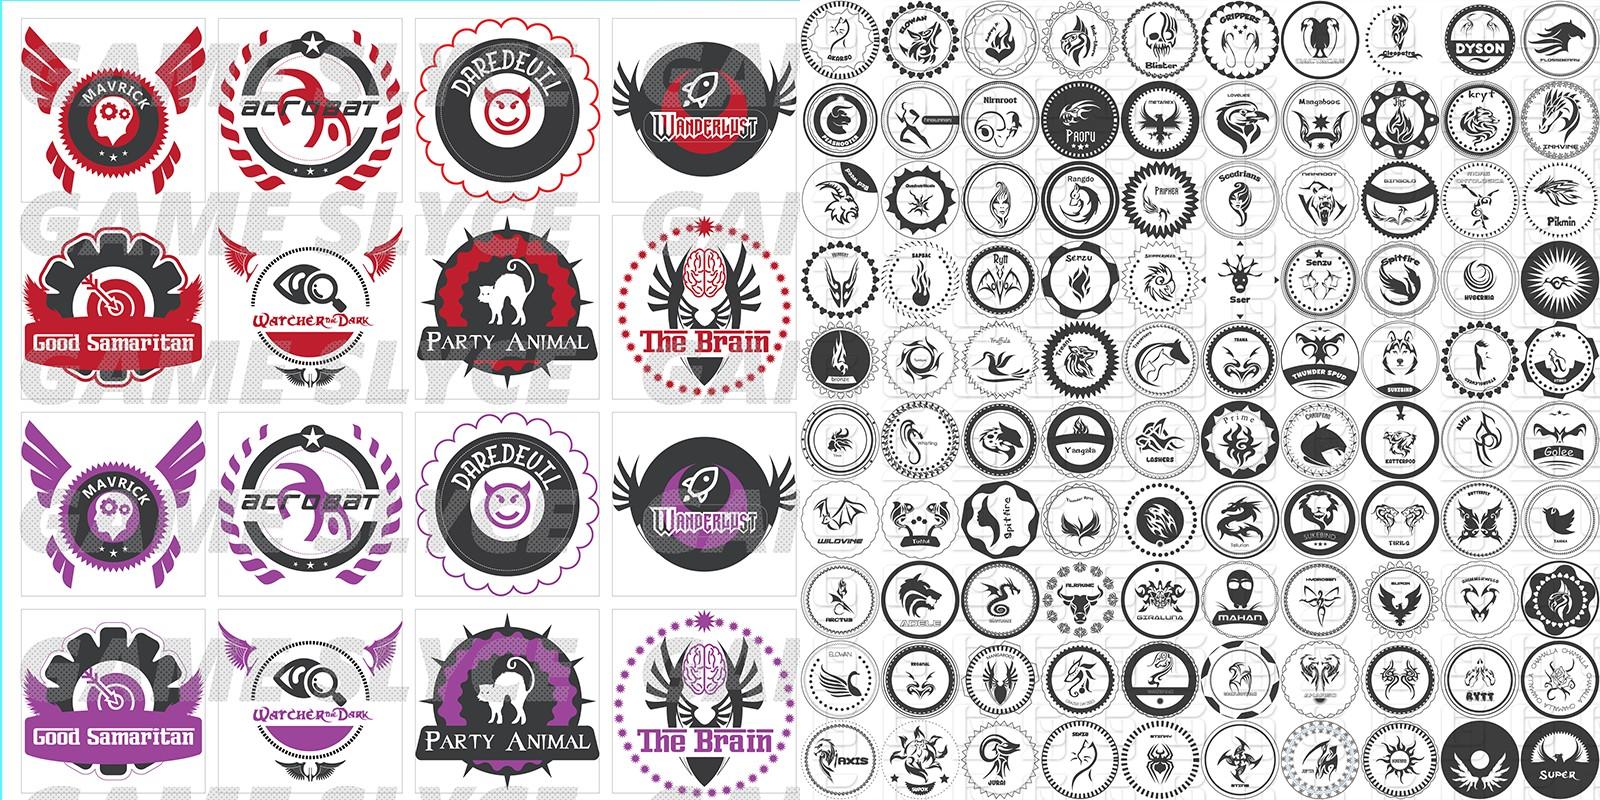 Achievement Seals 114 Icons Pack